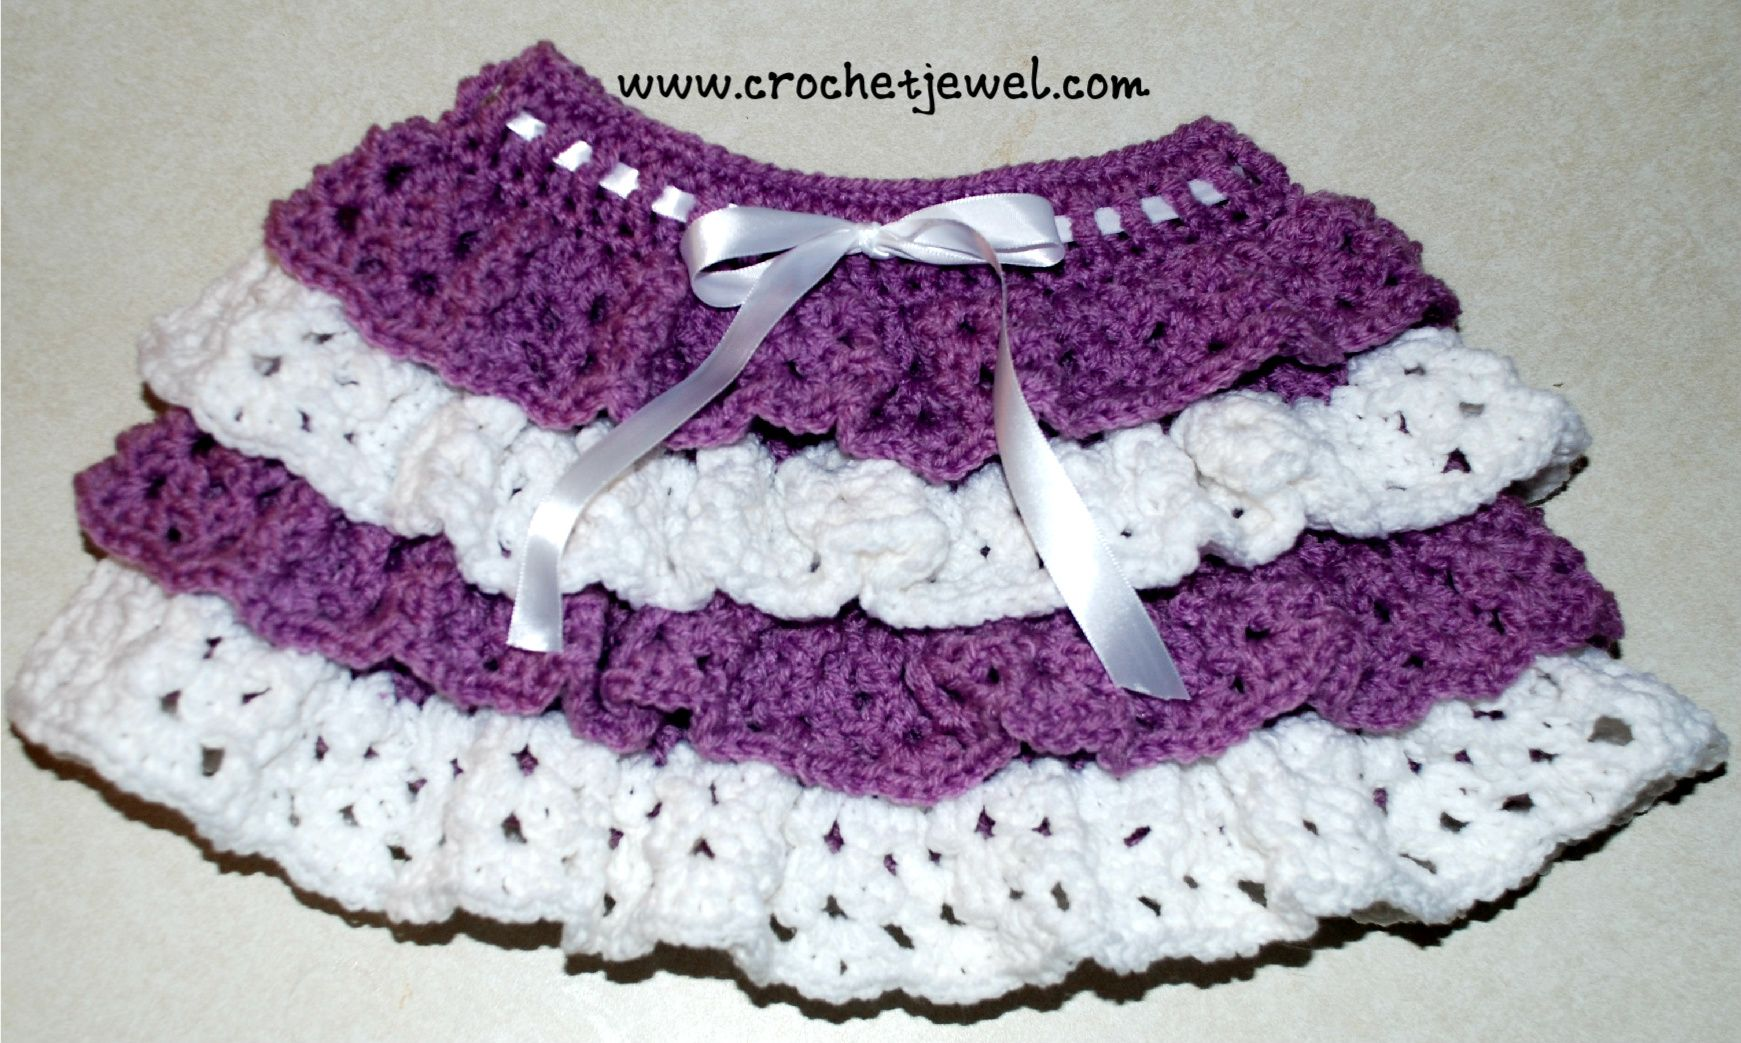 Crochet Ruffle Skirt (Girls size 2, 4), http://crochetjewel.com/?p ...